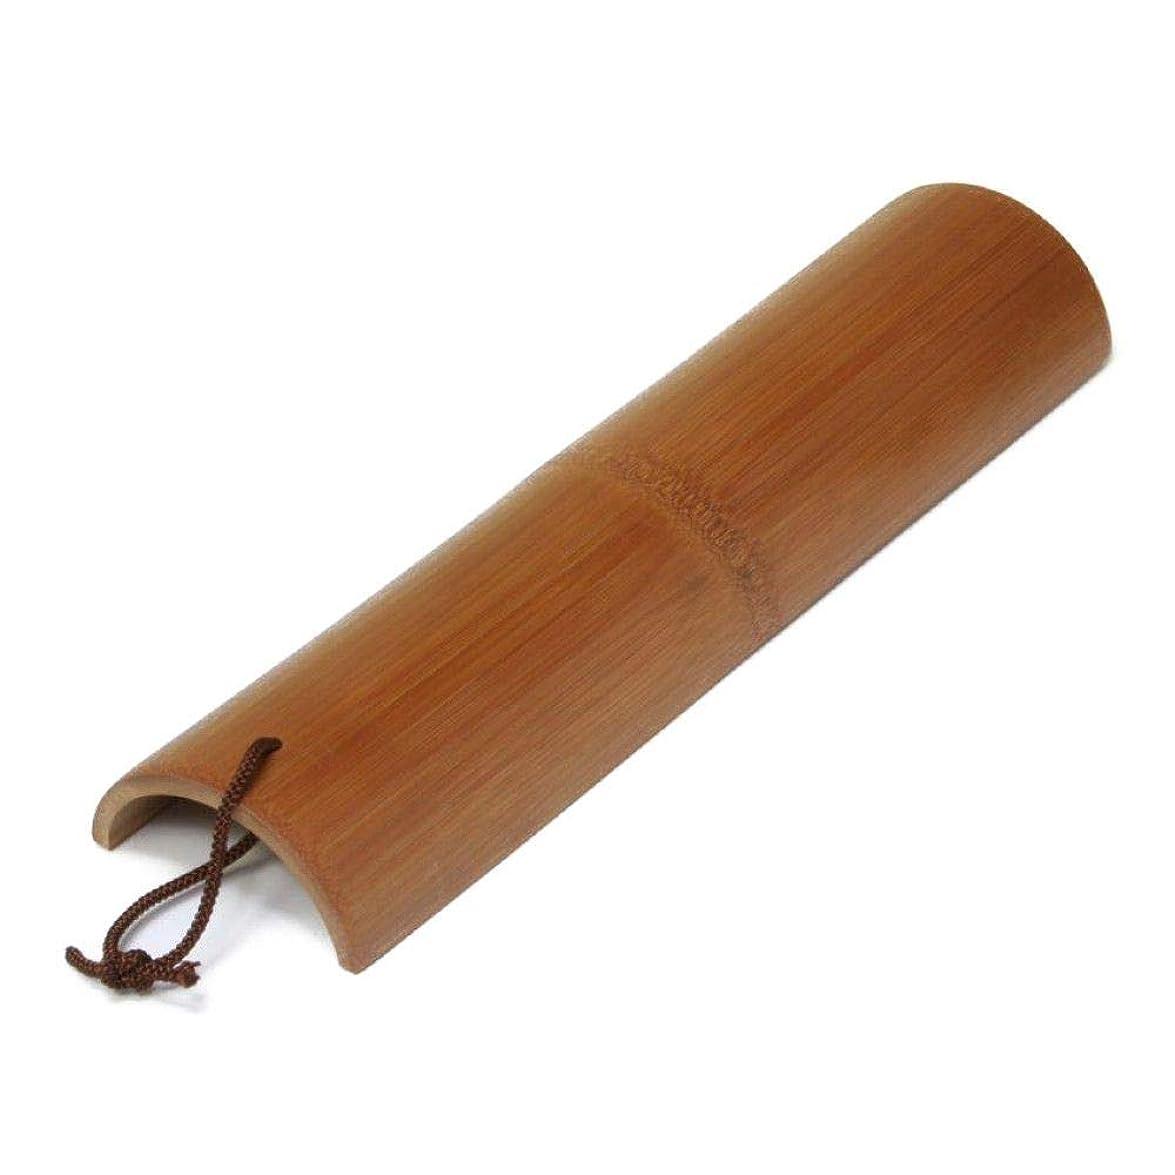 驚くべき失礼お誕生日炭化竹製「大判?踏み竹」 「竹の本場?大分県」よりお届けします